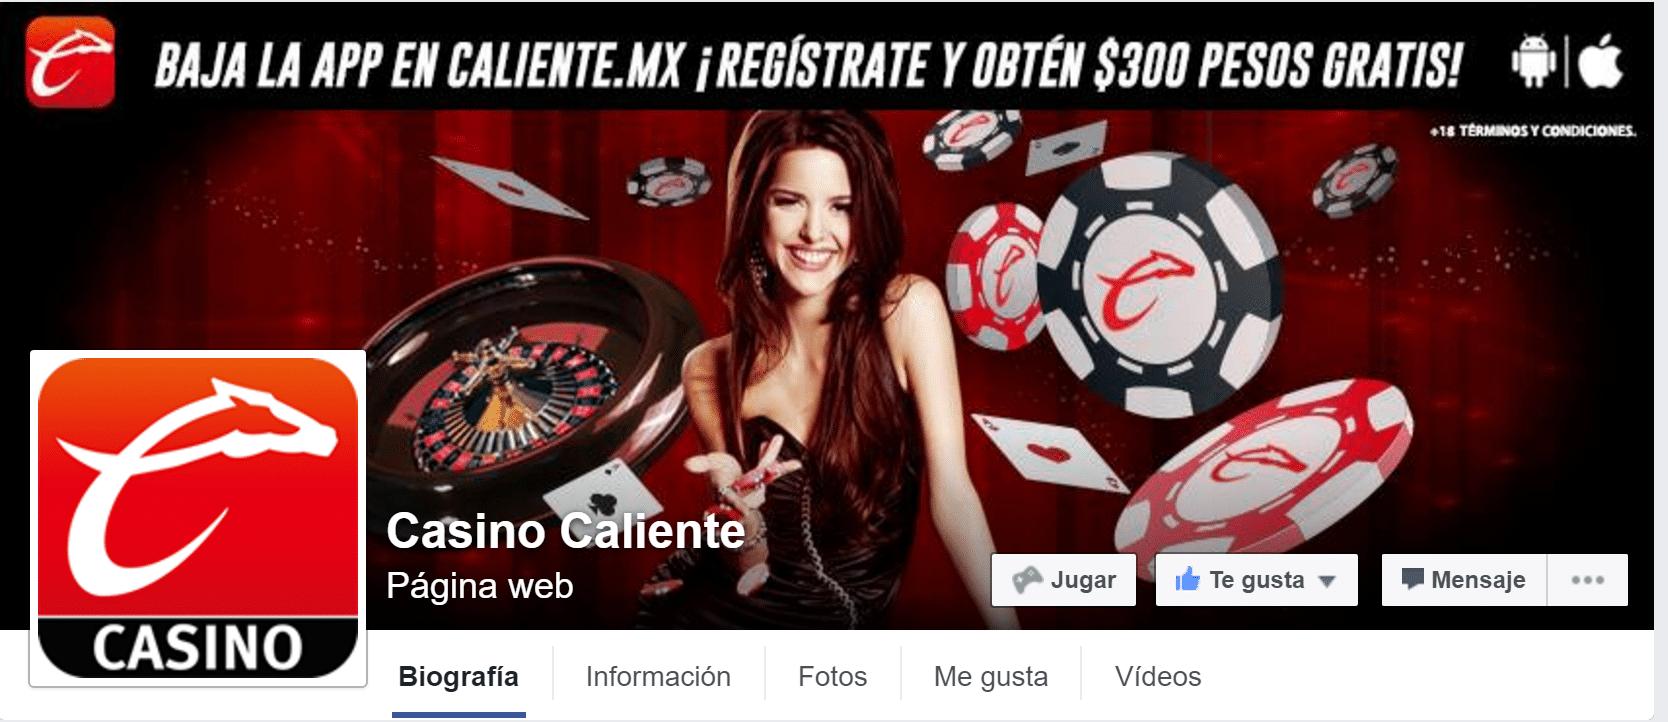 Pokerstar deportes casino online confiables Puerto Rico - 77534